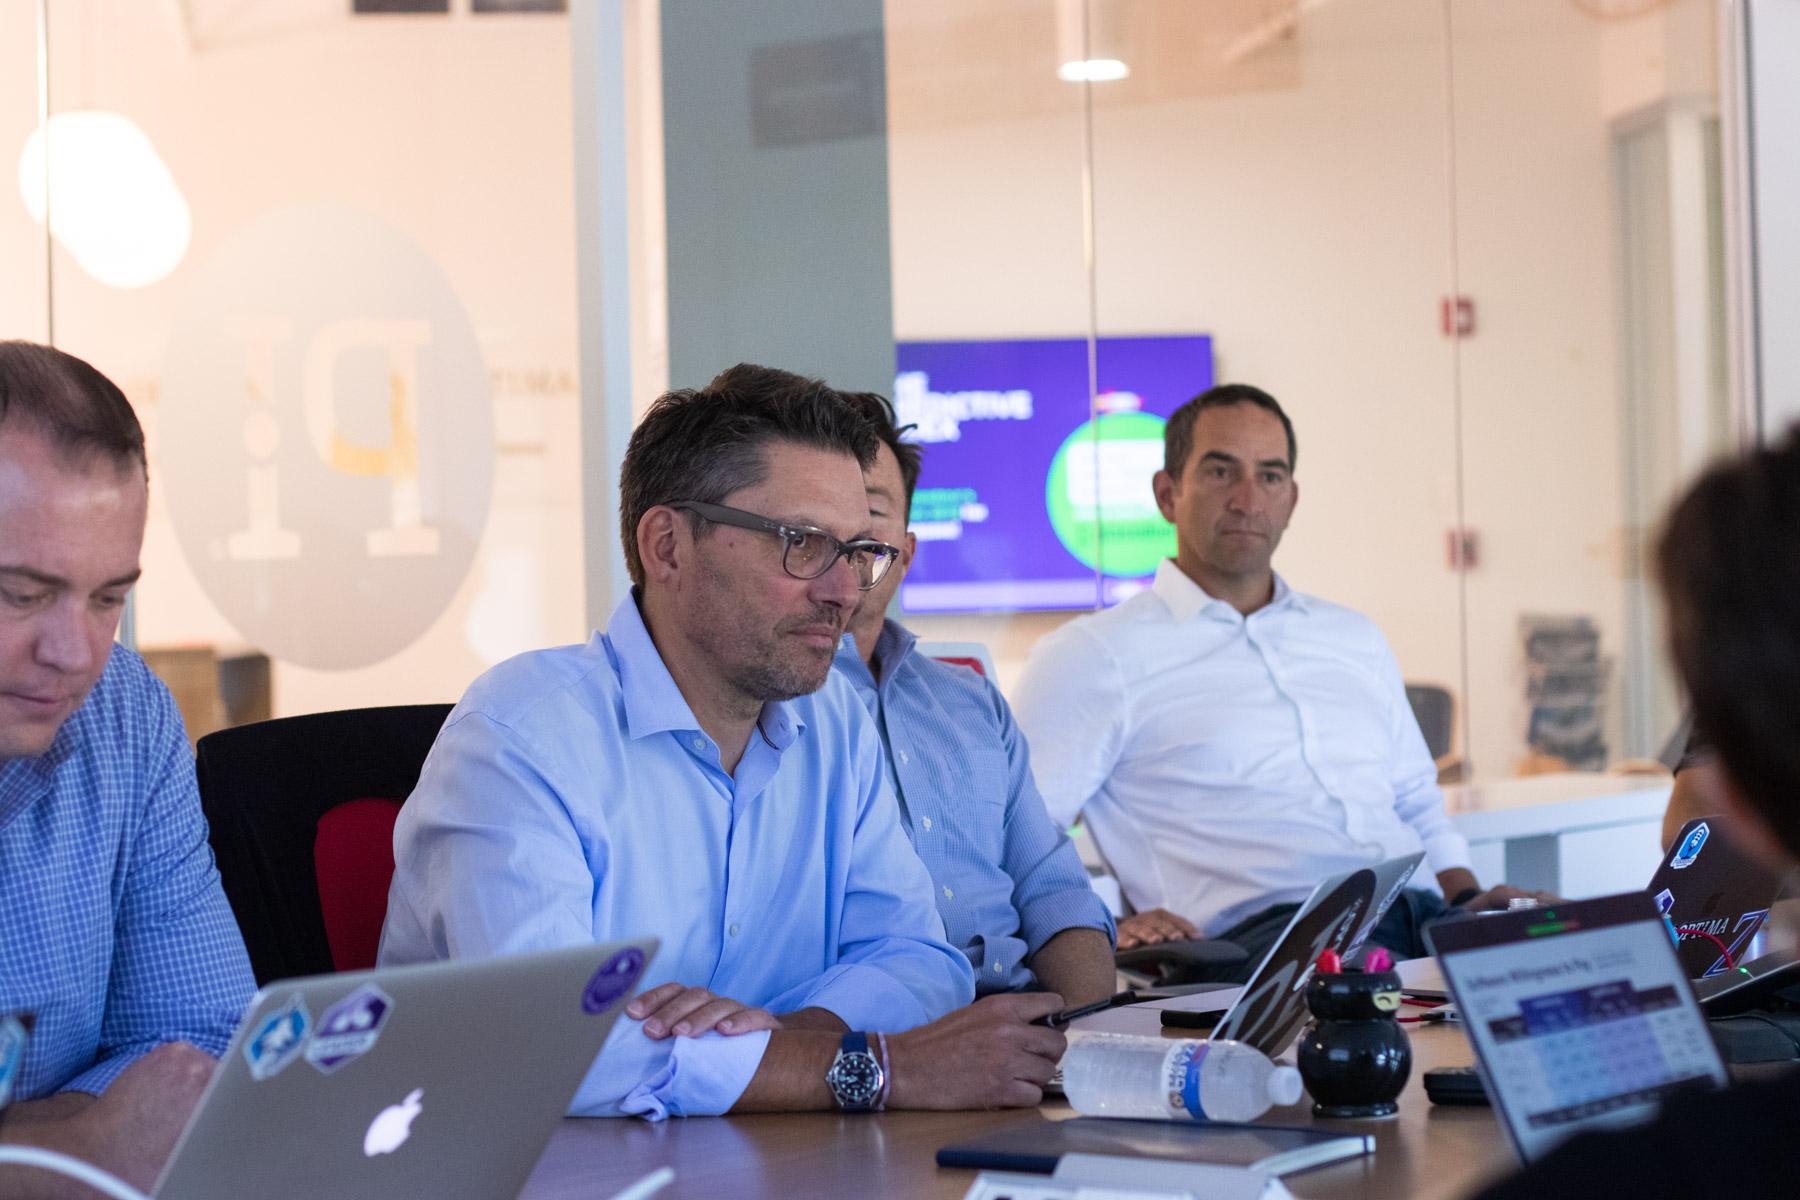 PI executive meeting